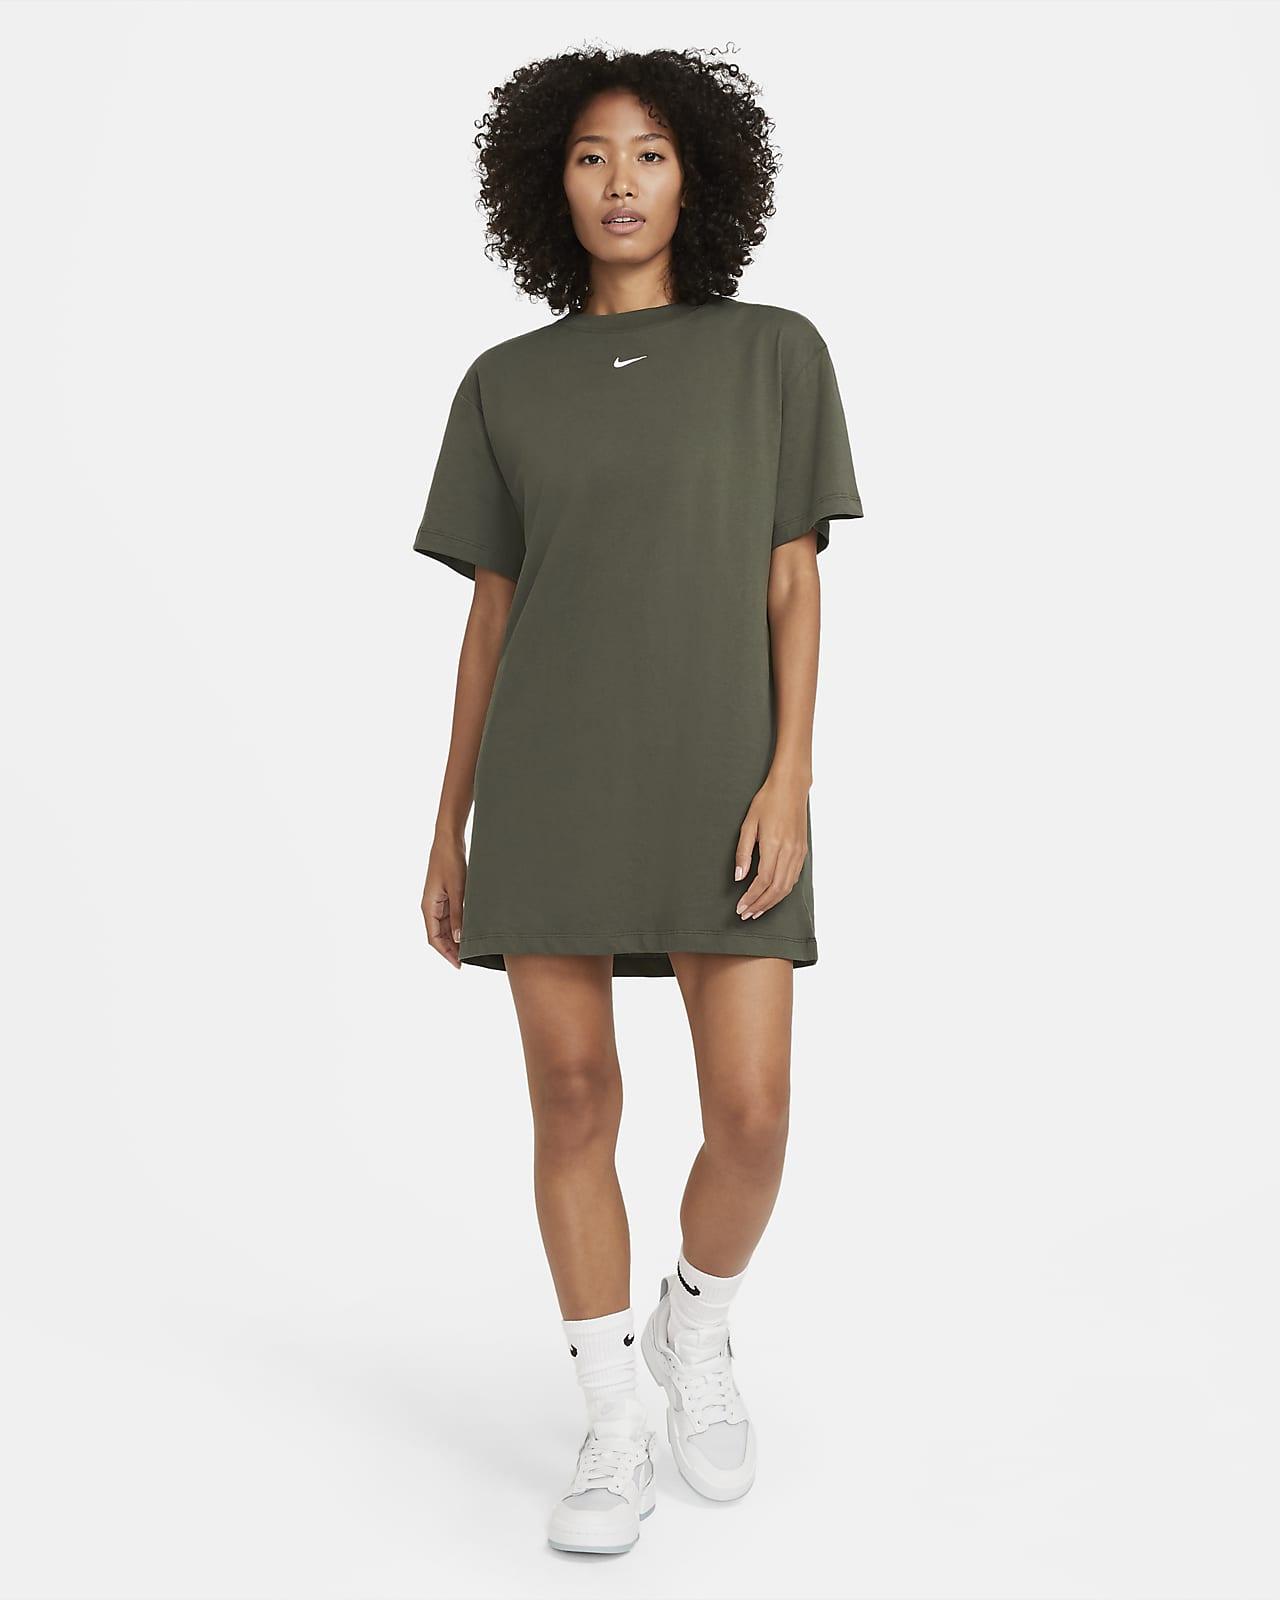 Nike Sportswear Essential Women's Dress. Nike LU